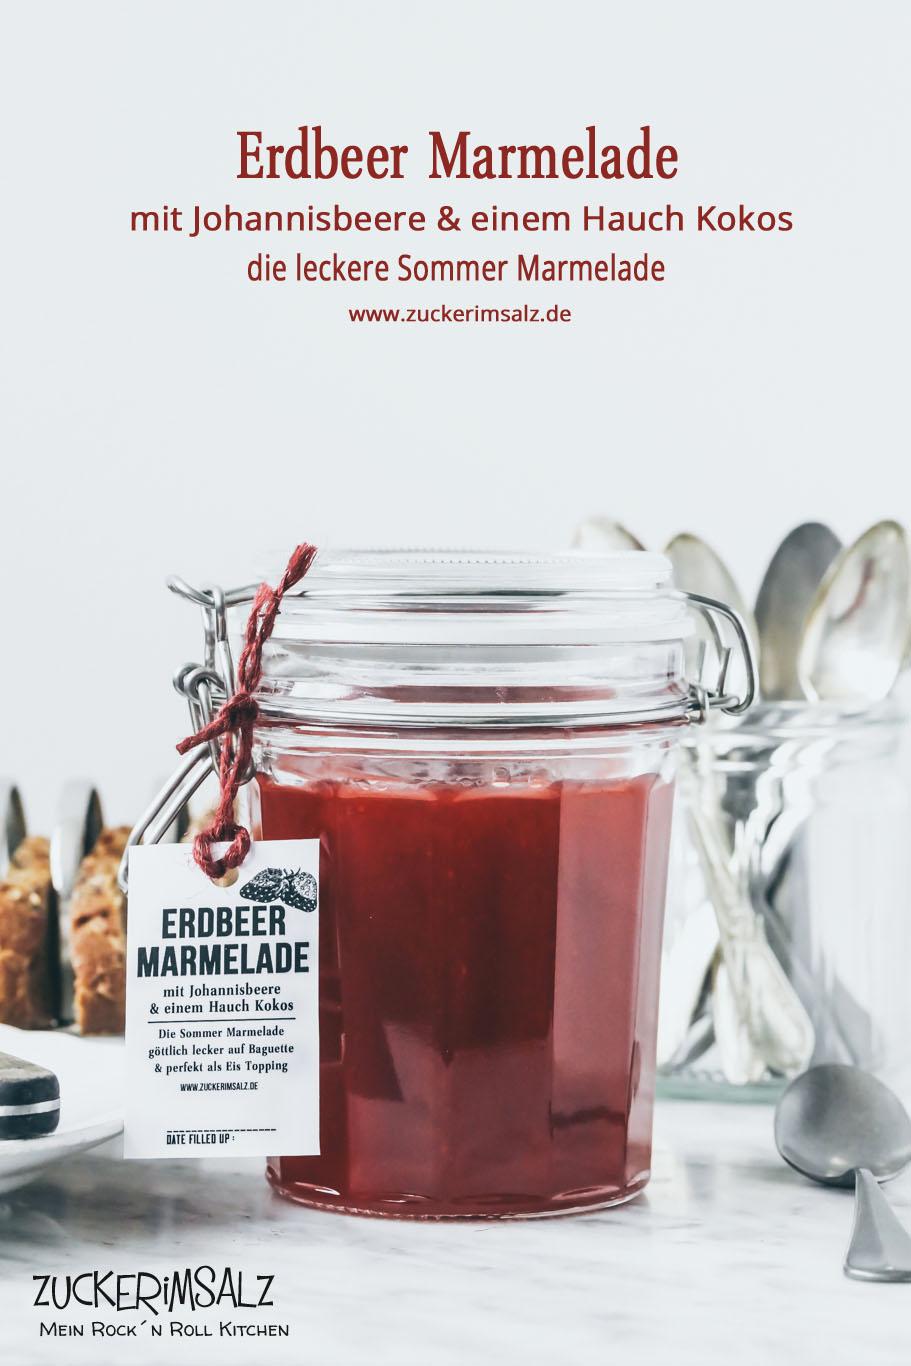 Erdbeer Marmelade selbstgemacht – mit Johannisbeere und einem Hauch Kokos … Der Sommer kann kommen